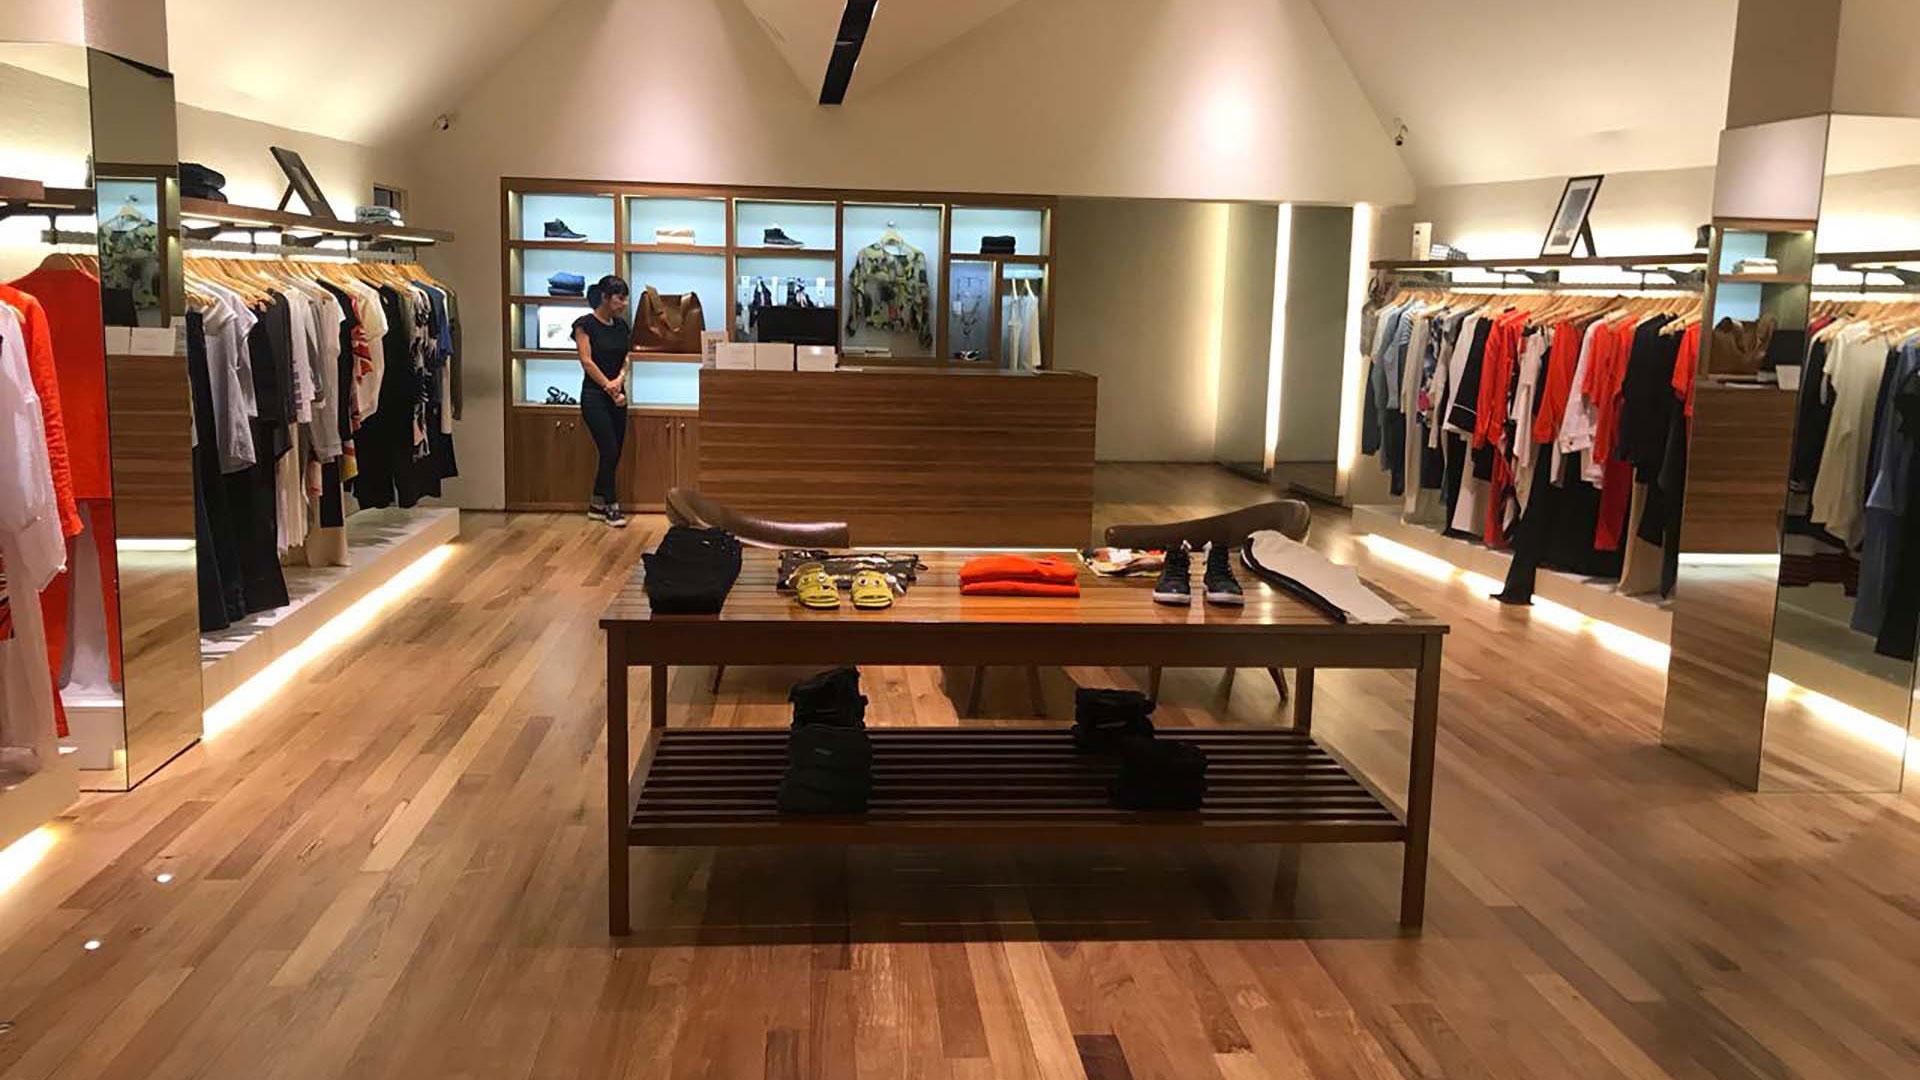 Exclusivas tiendas de ropa esperan a los clientes con los mejores precios y diseños para estas fiestas